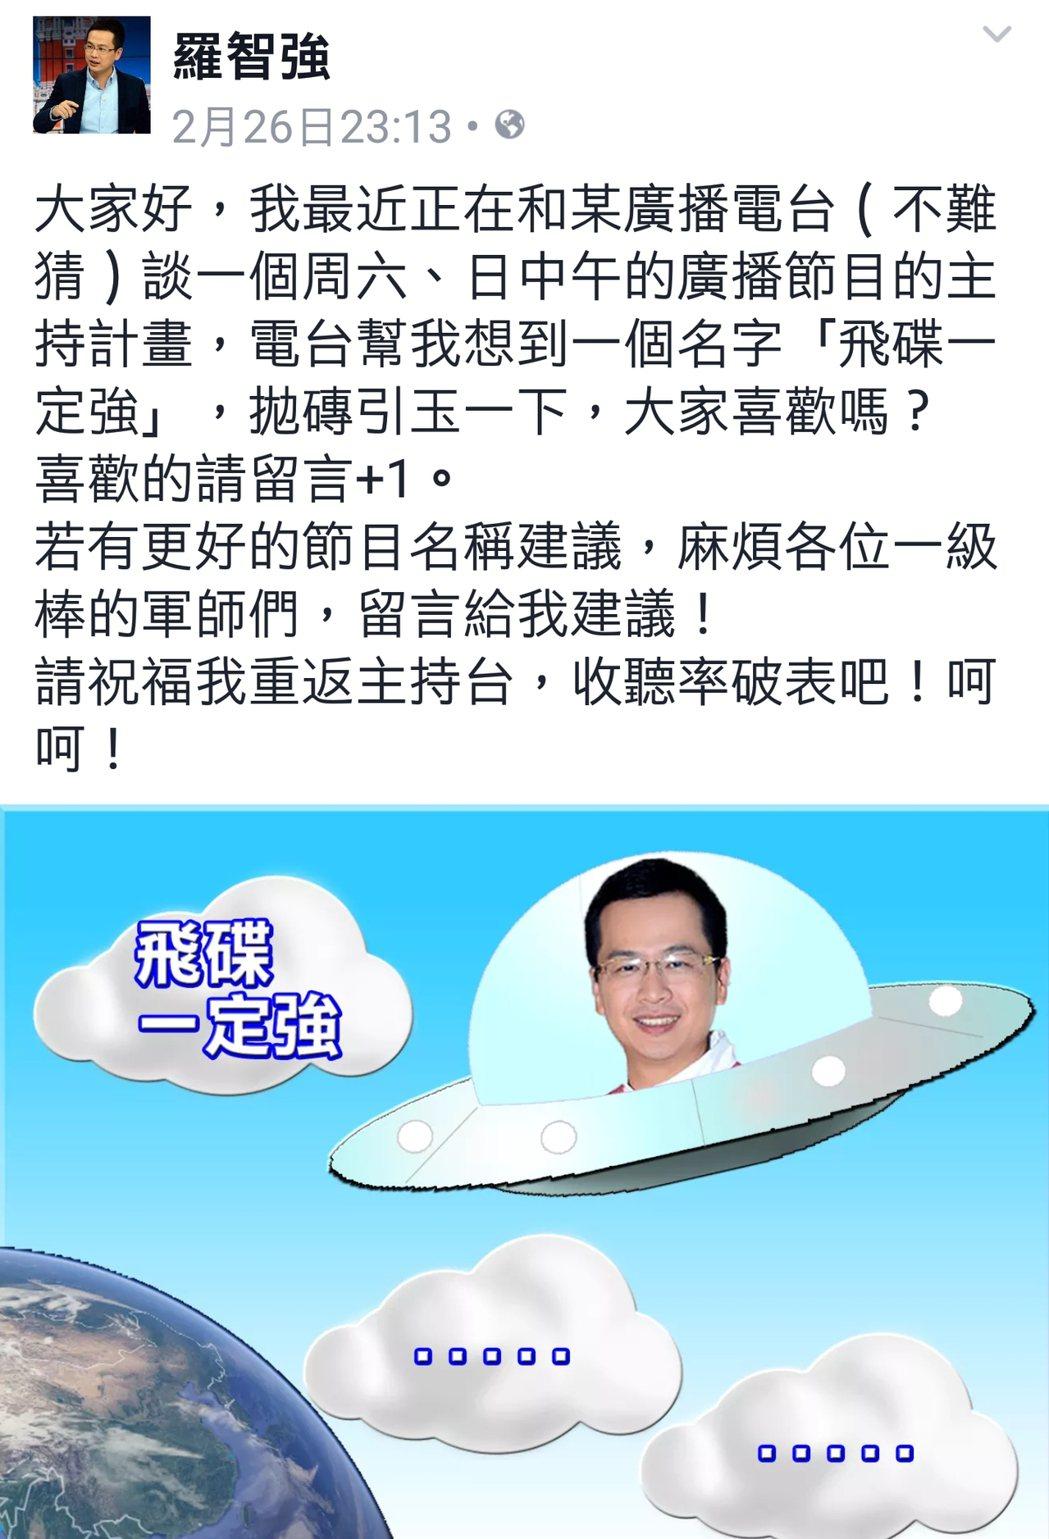 羅智強在臉書透露正在和電台談節目,暗示電台是「飛碟」。 圖/摘自臉書